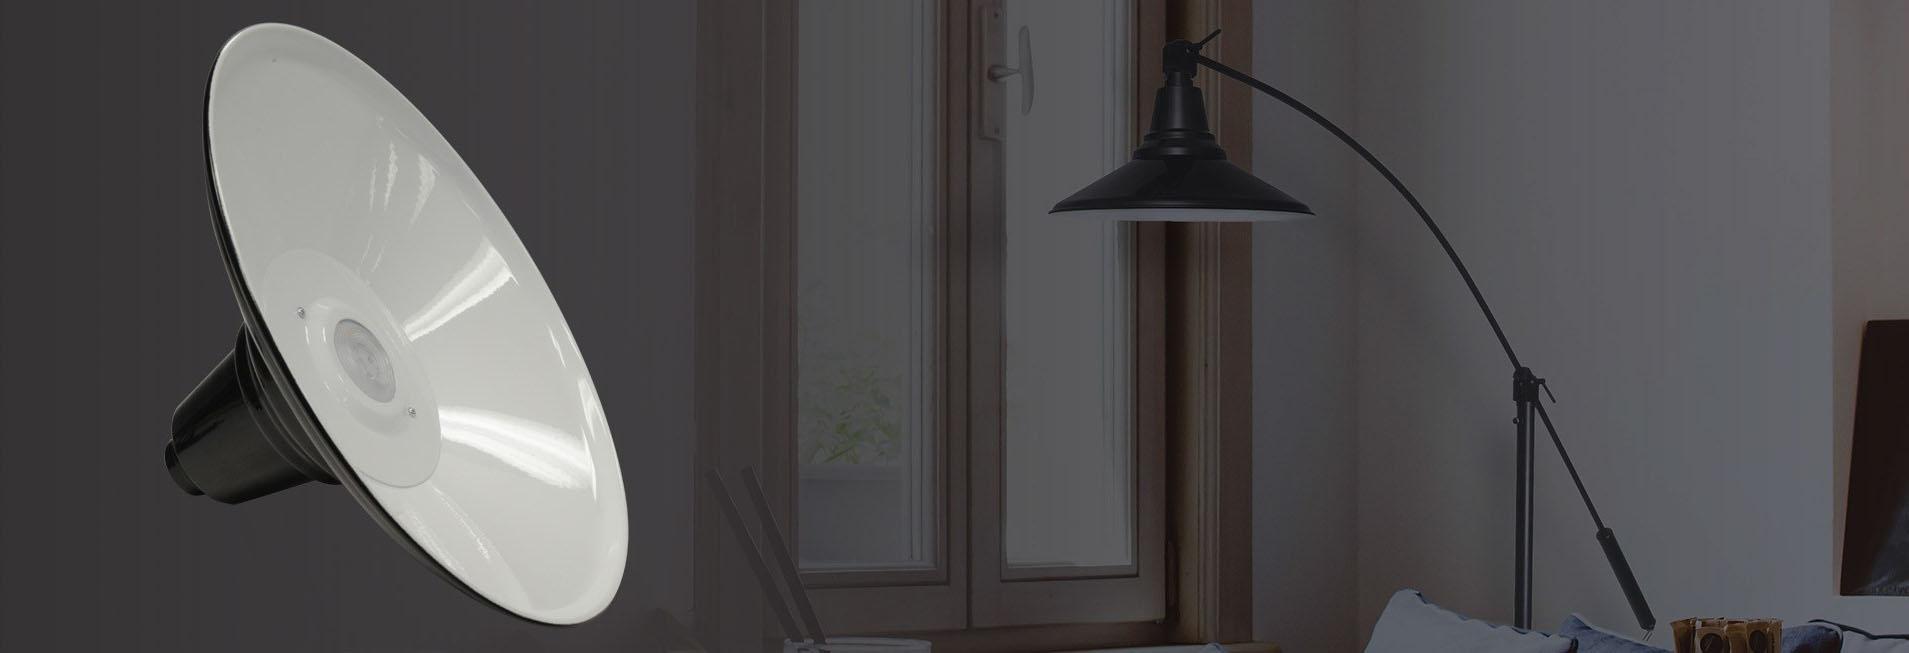 Calla LED Floor Lamp adjustable